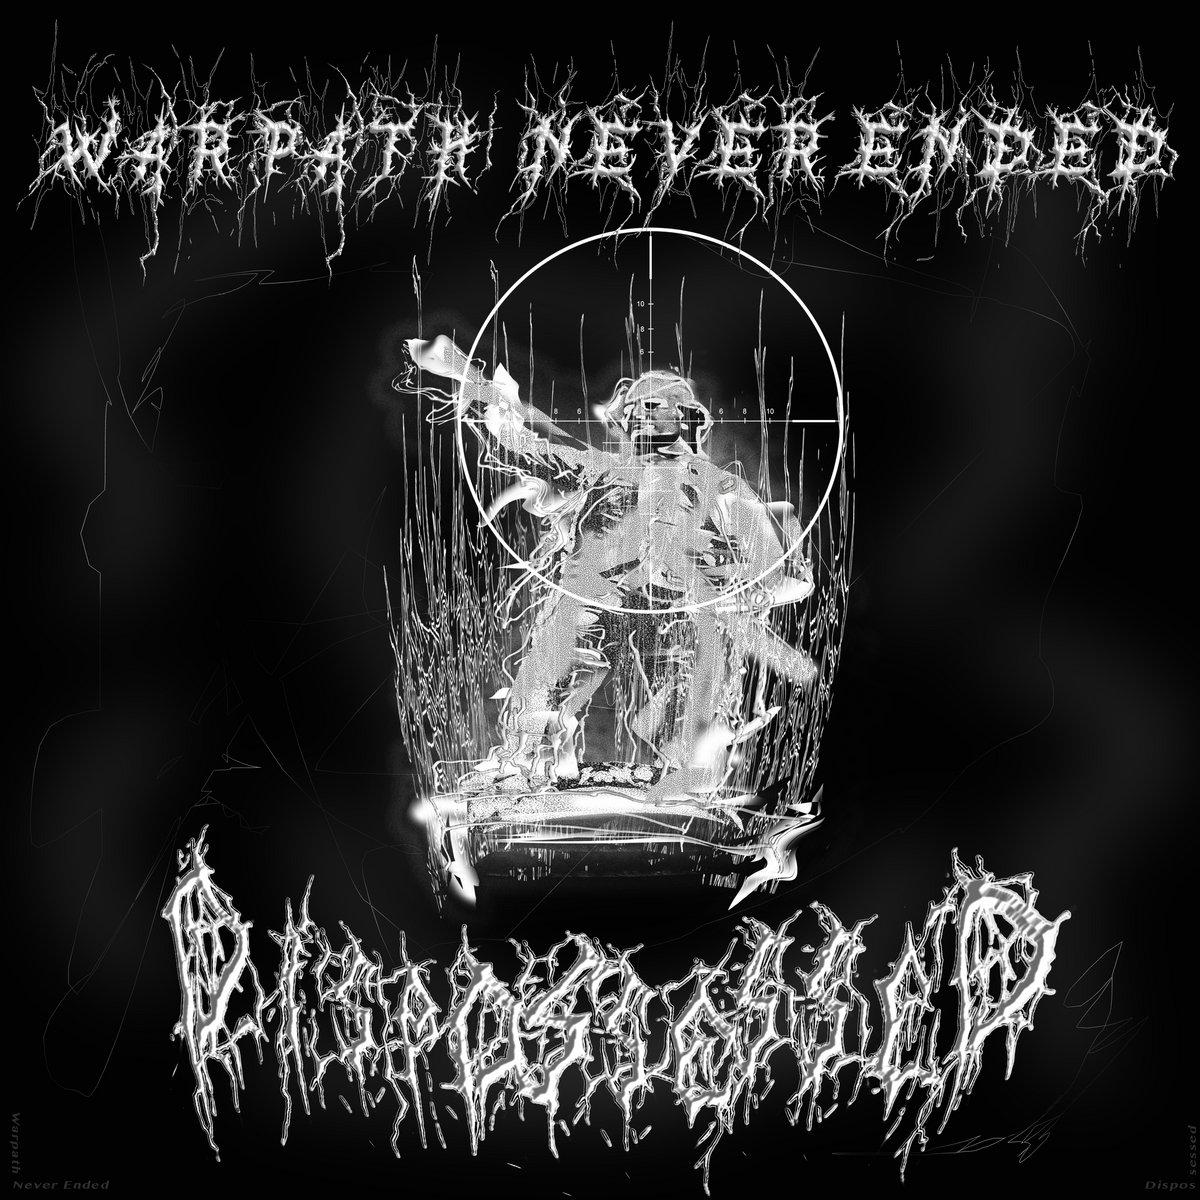 https://dispossessed.bandcamp.com/album/warpath-never-ended